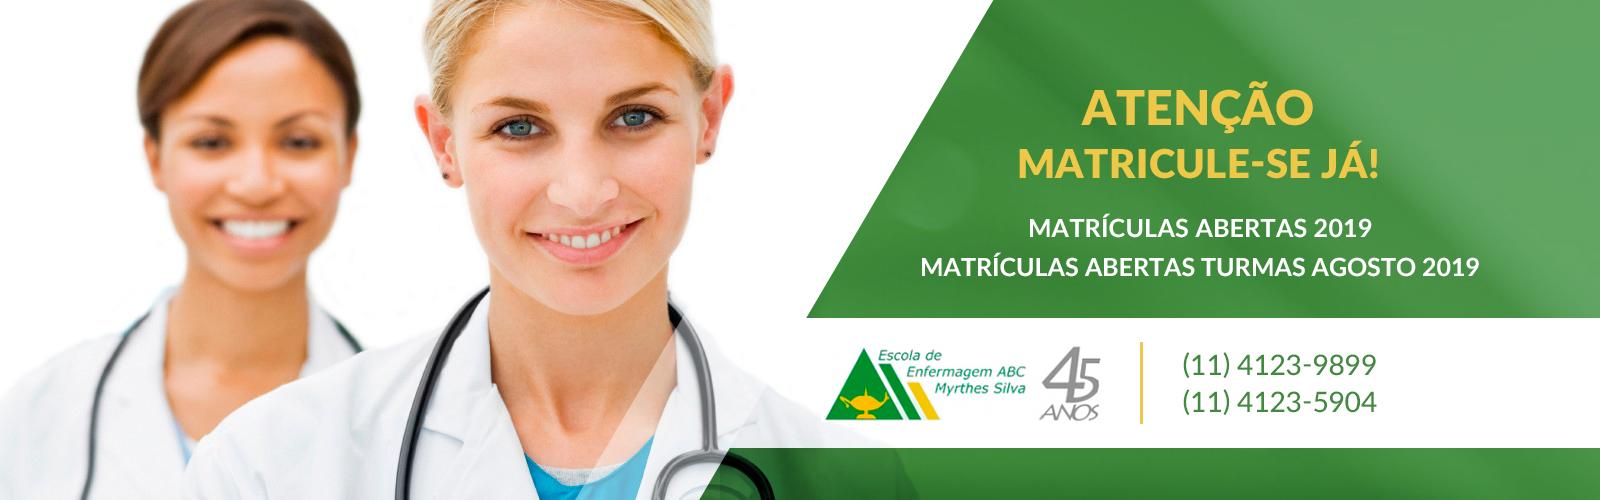 Enfermagem ABC Matrículas Abertas